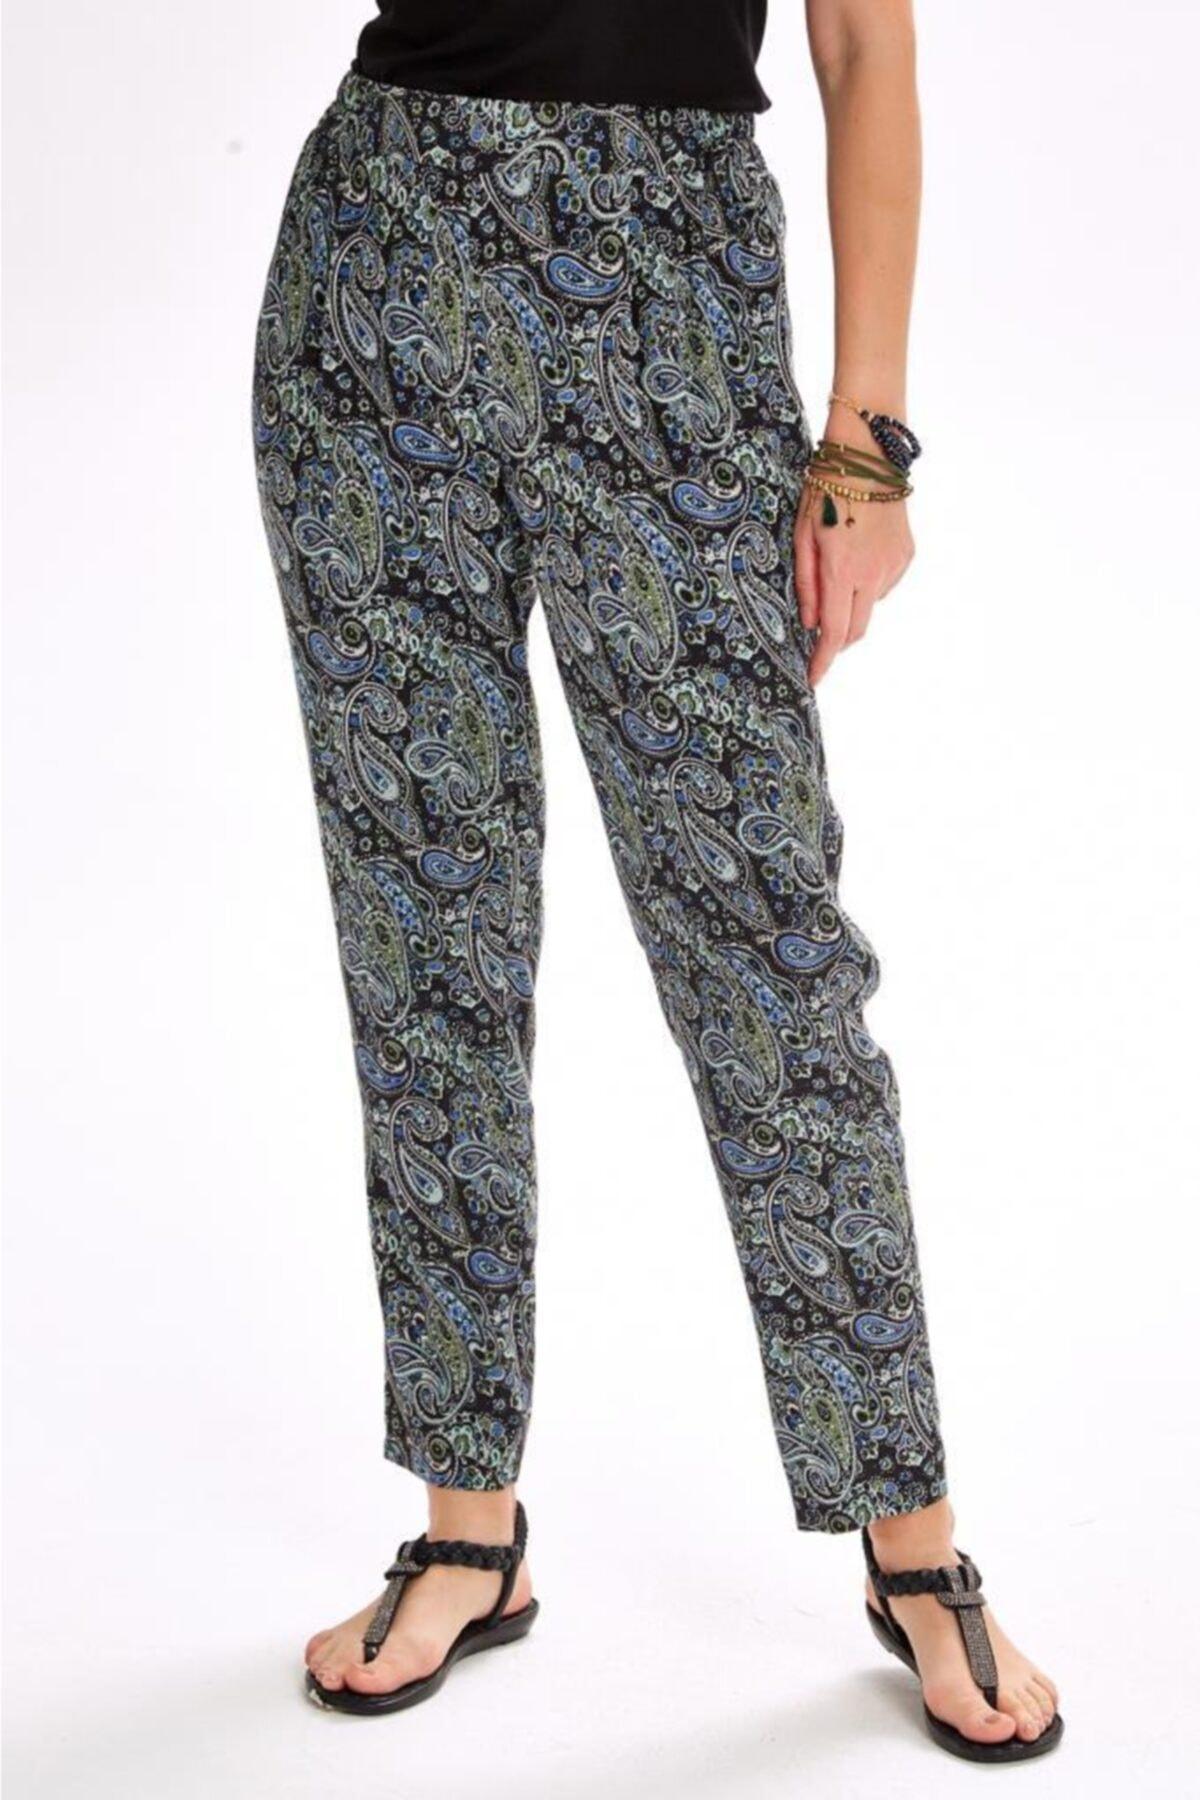 İKİLER Kadın Lacivert Beli Lastikli Şal Desen Pantolon 020-3519 1